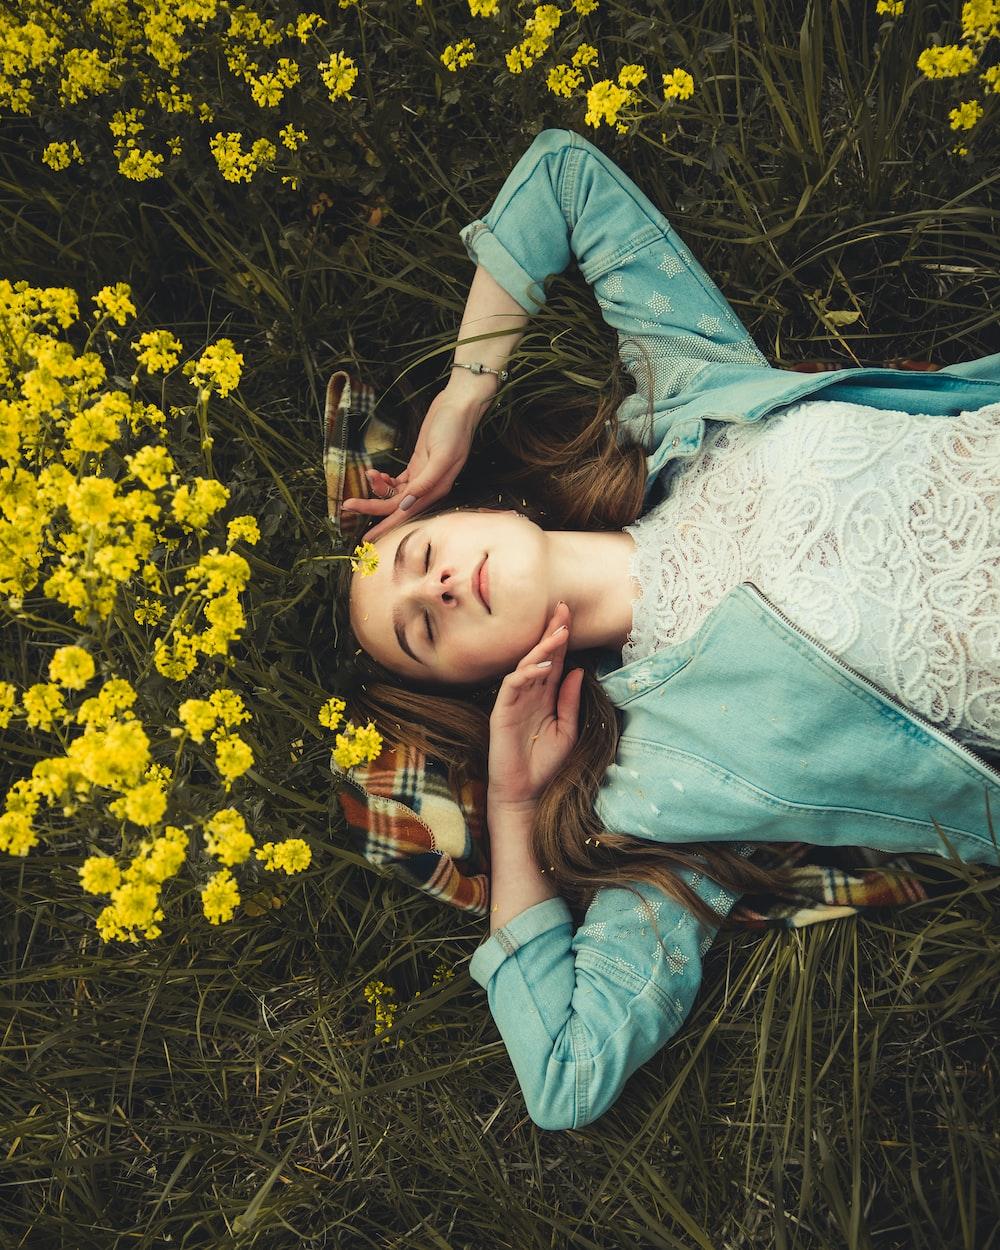 woman lying on grass field